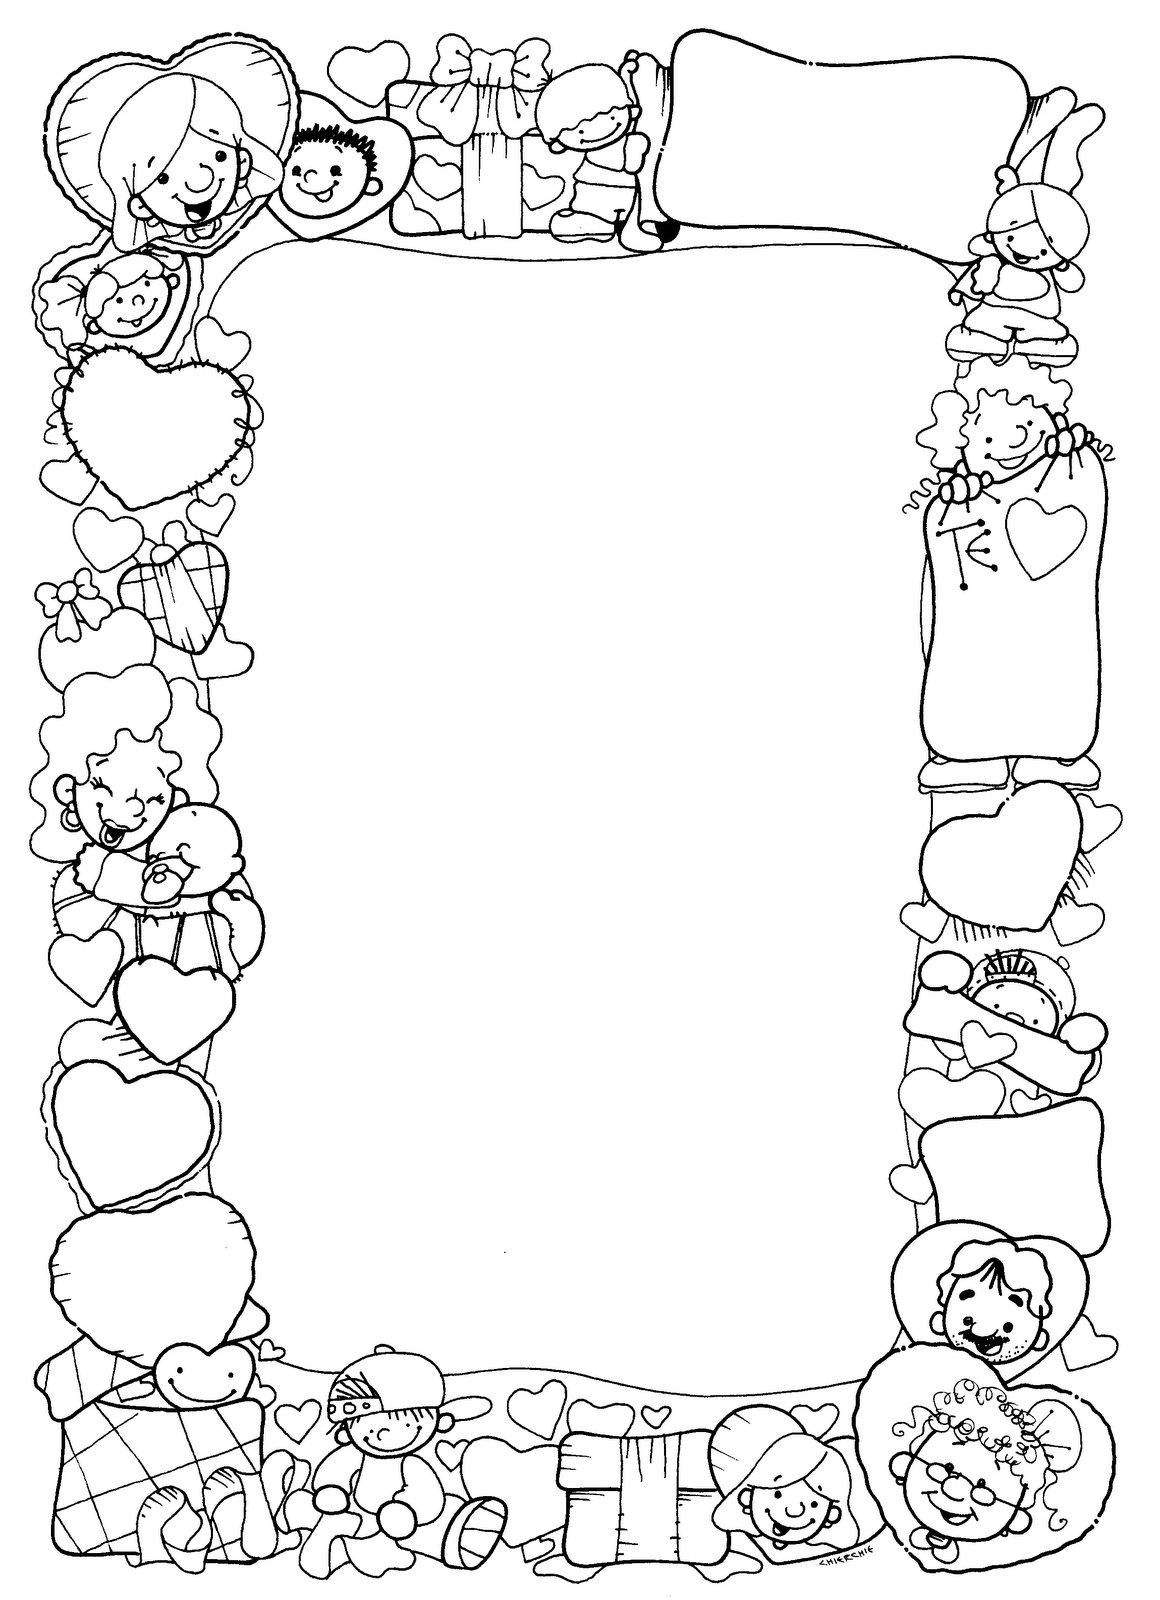 Image Of Hojas Para Colorear De Amor 14 de febrero dibujosDibujo de ...